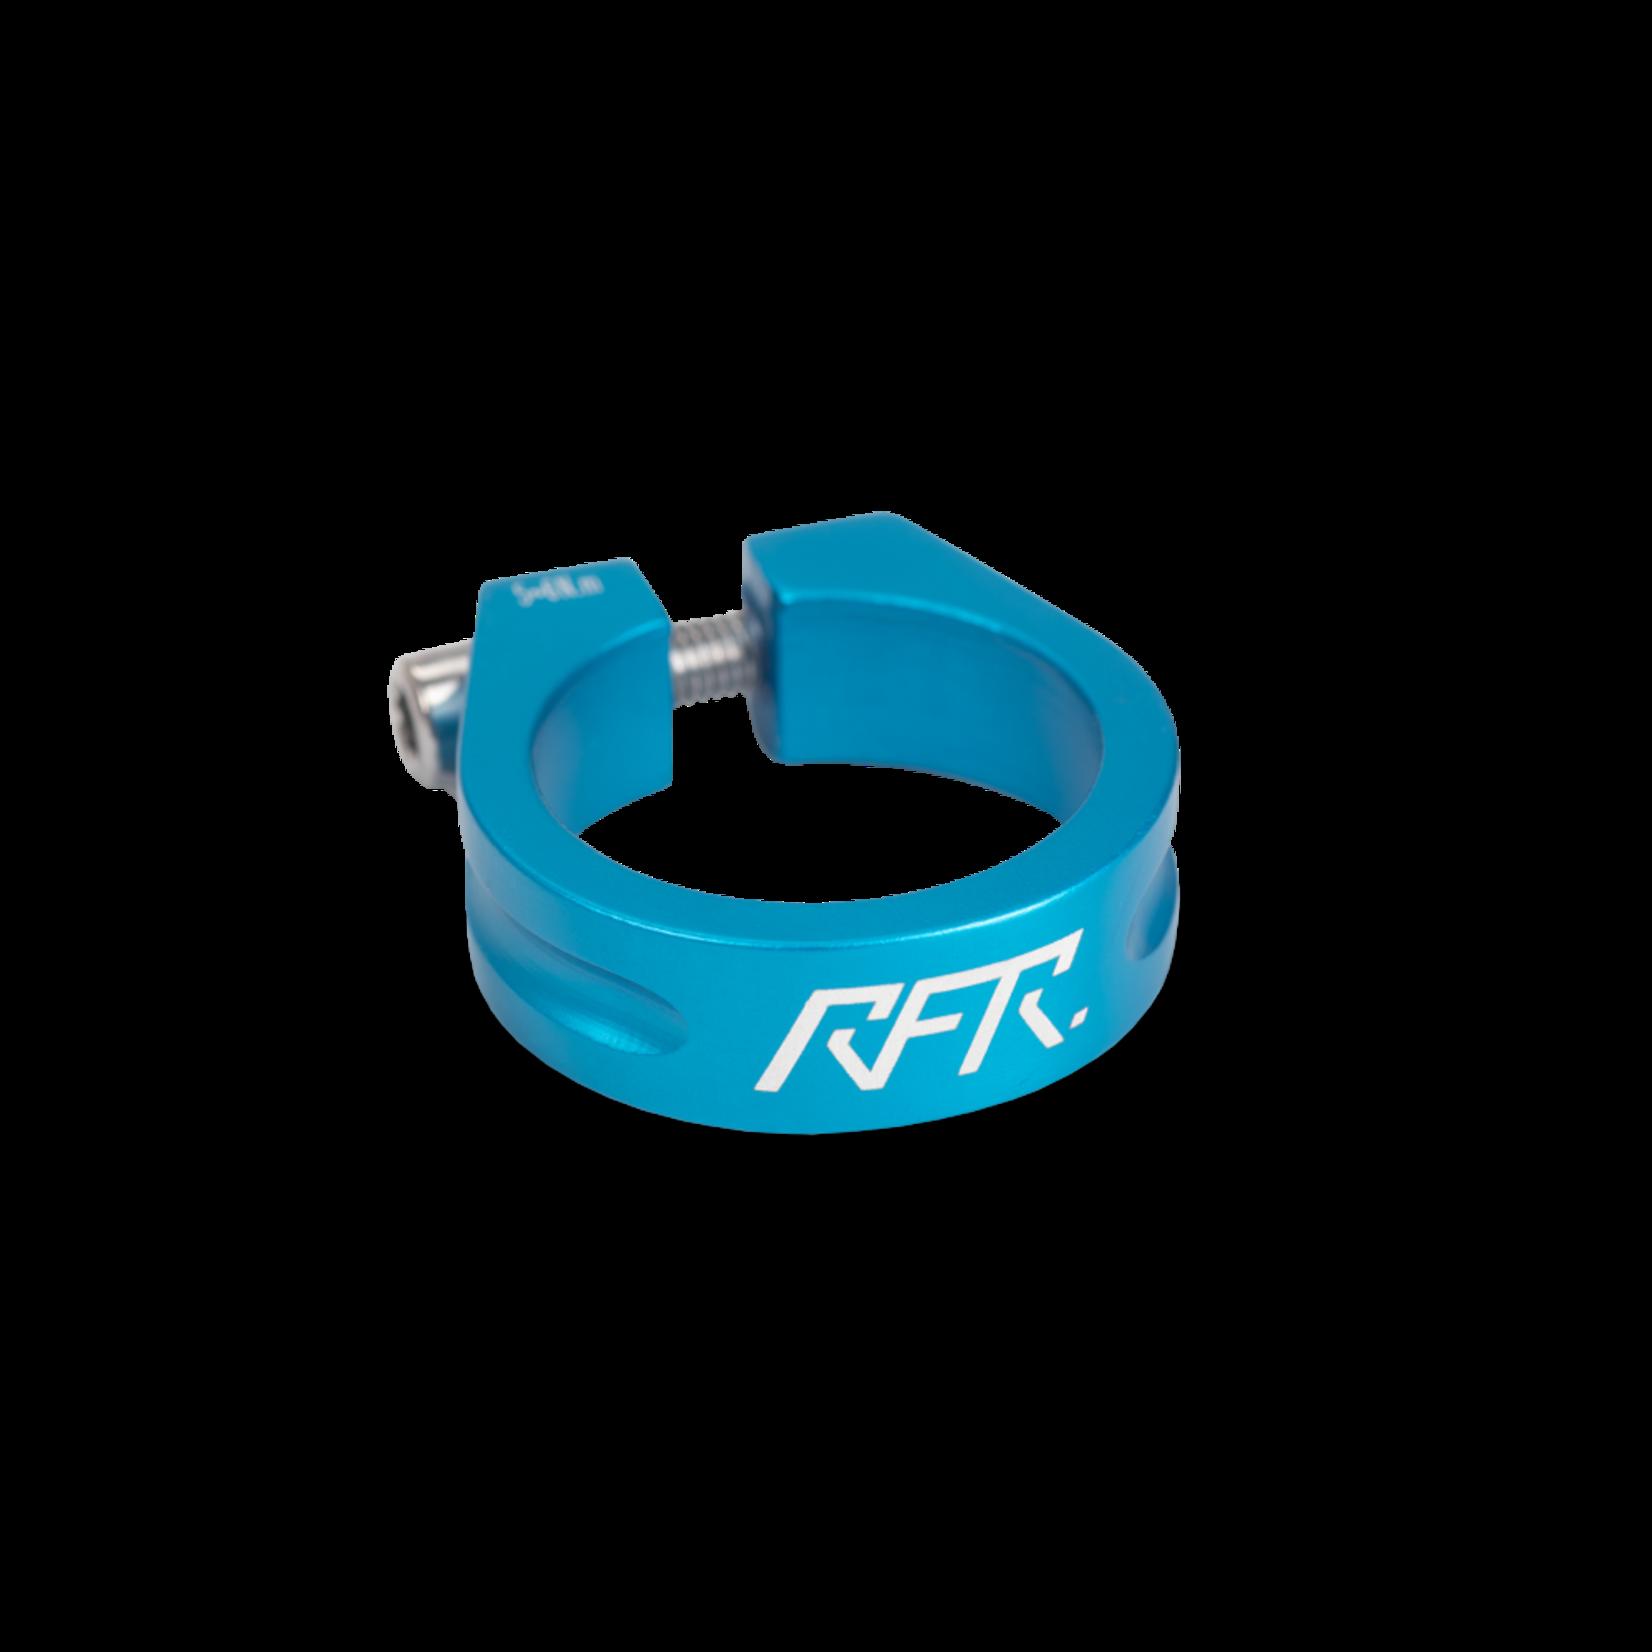 RFR Cube - Collarino Reggisella 31,8 Azzurro